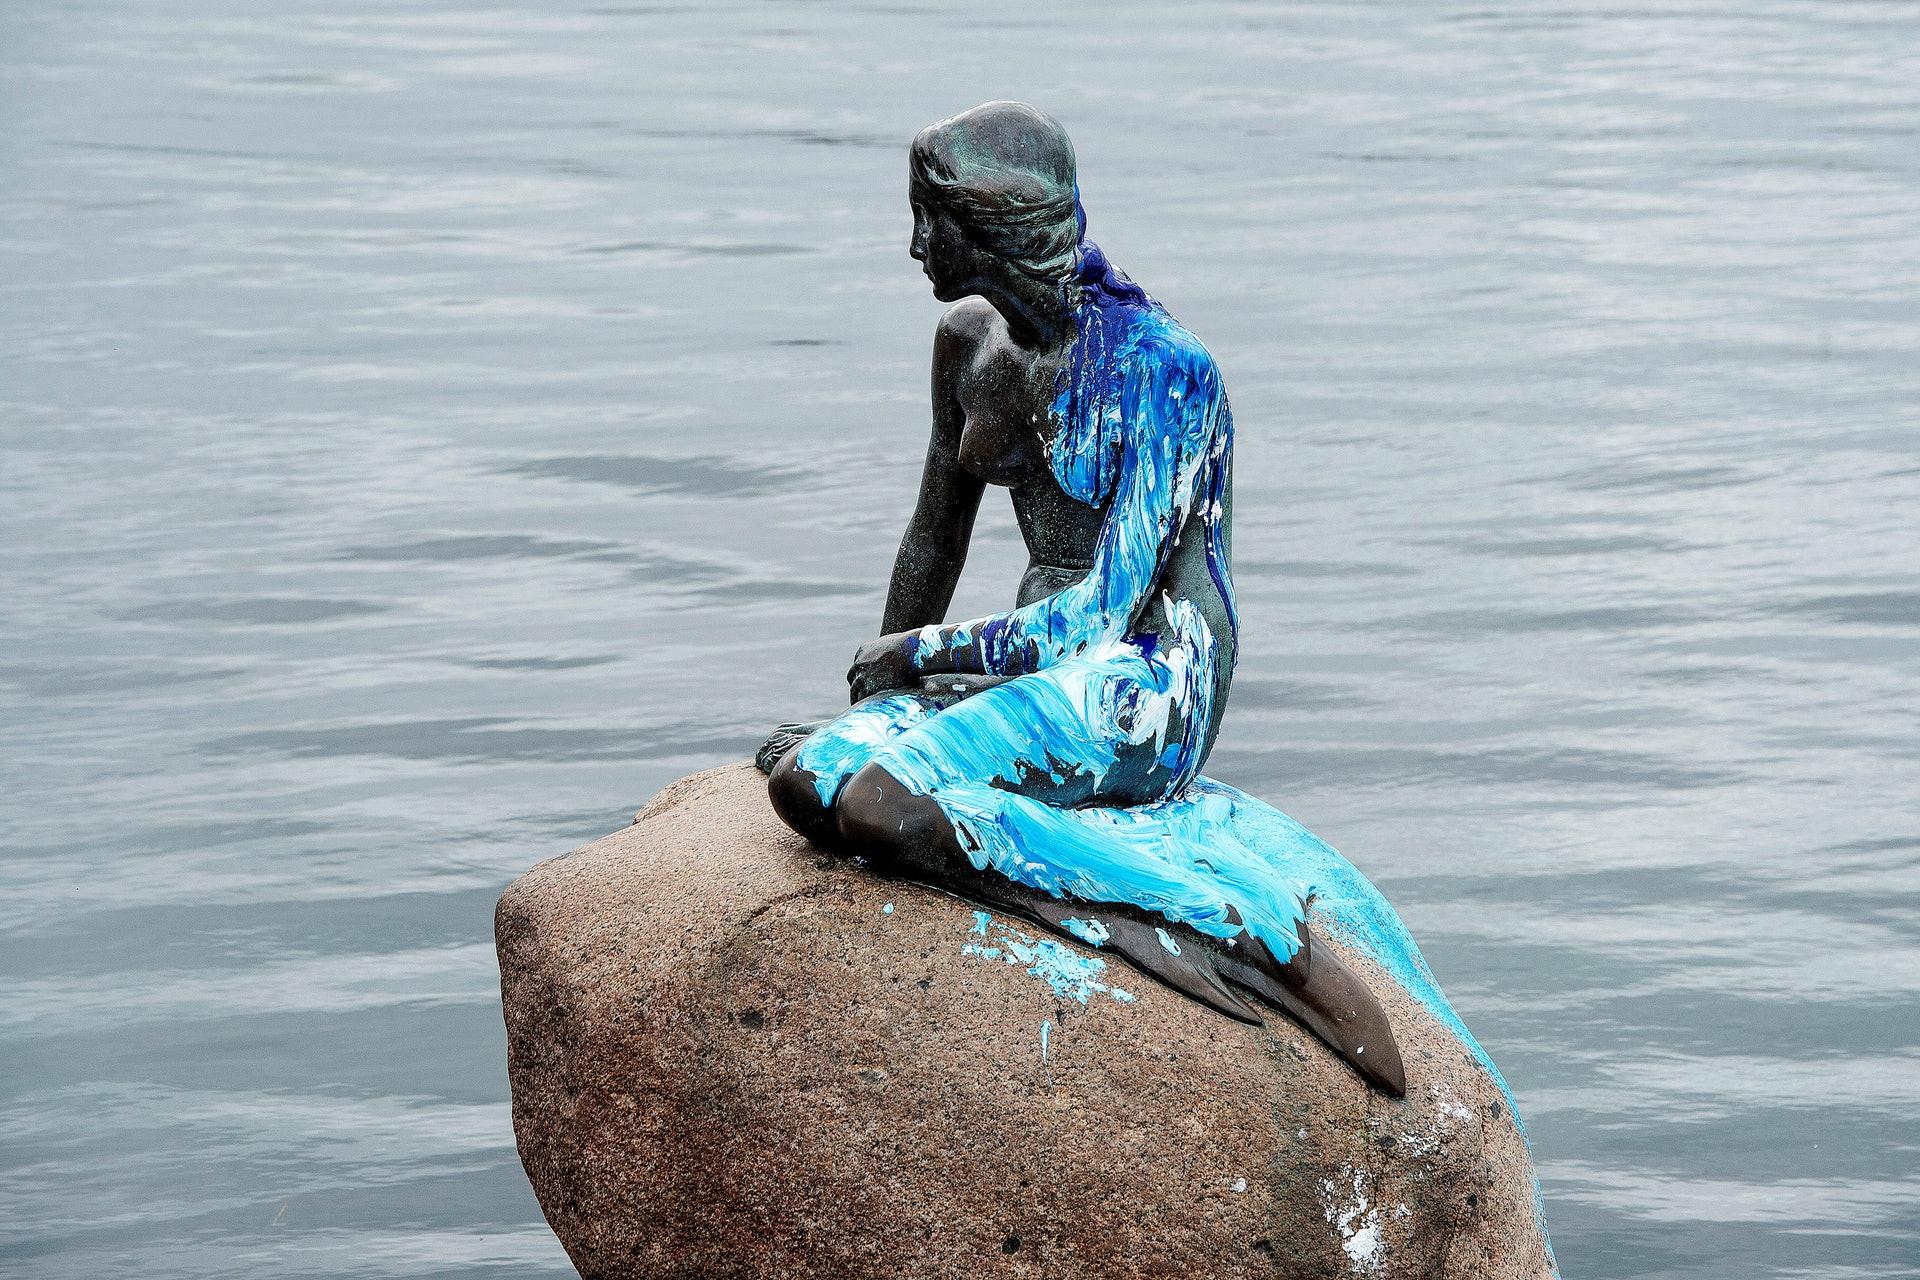 丹麦美人鱼雕像:美人鱼2017年6月被人泼上蓝色及白色油漆。 (Reuters)